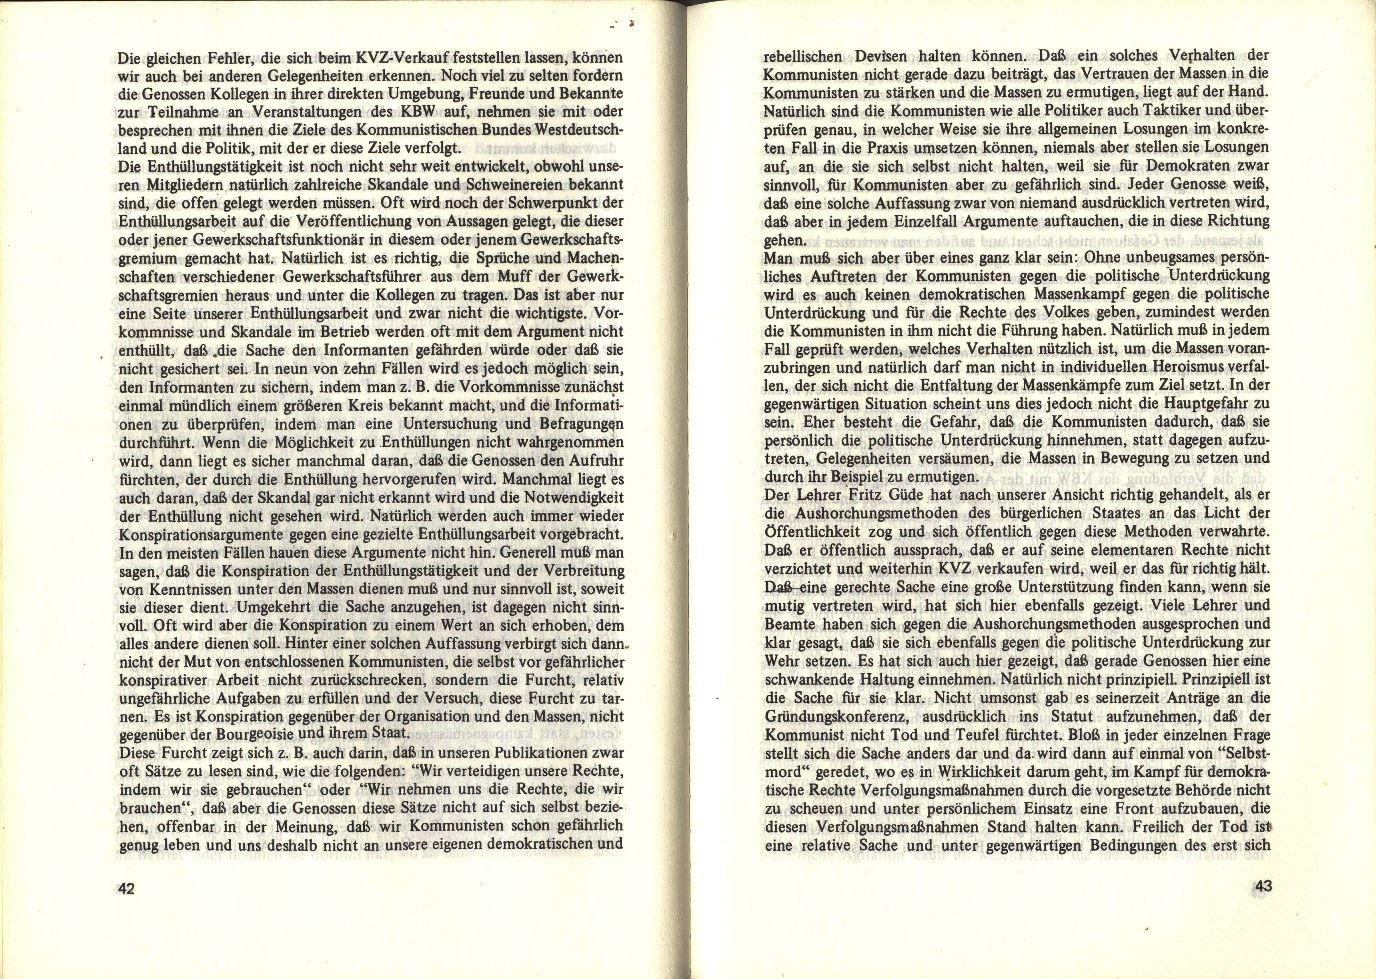 KBW_1974_Politischer_Bericht023